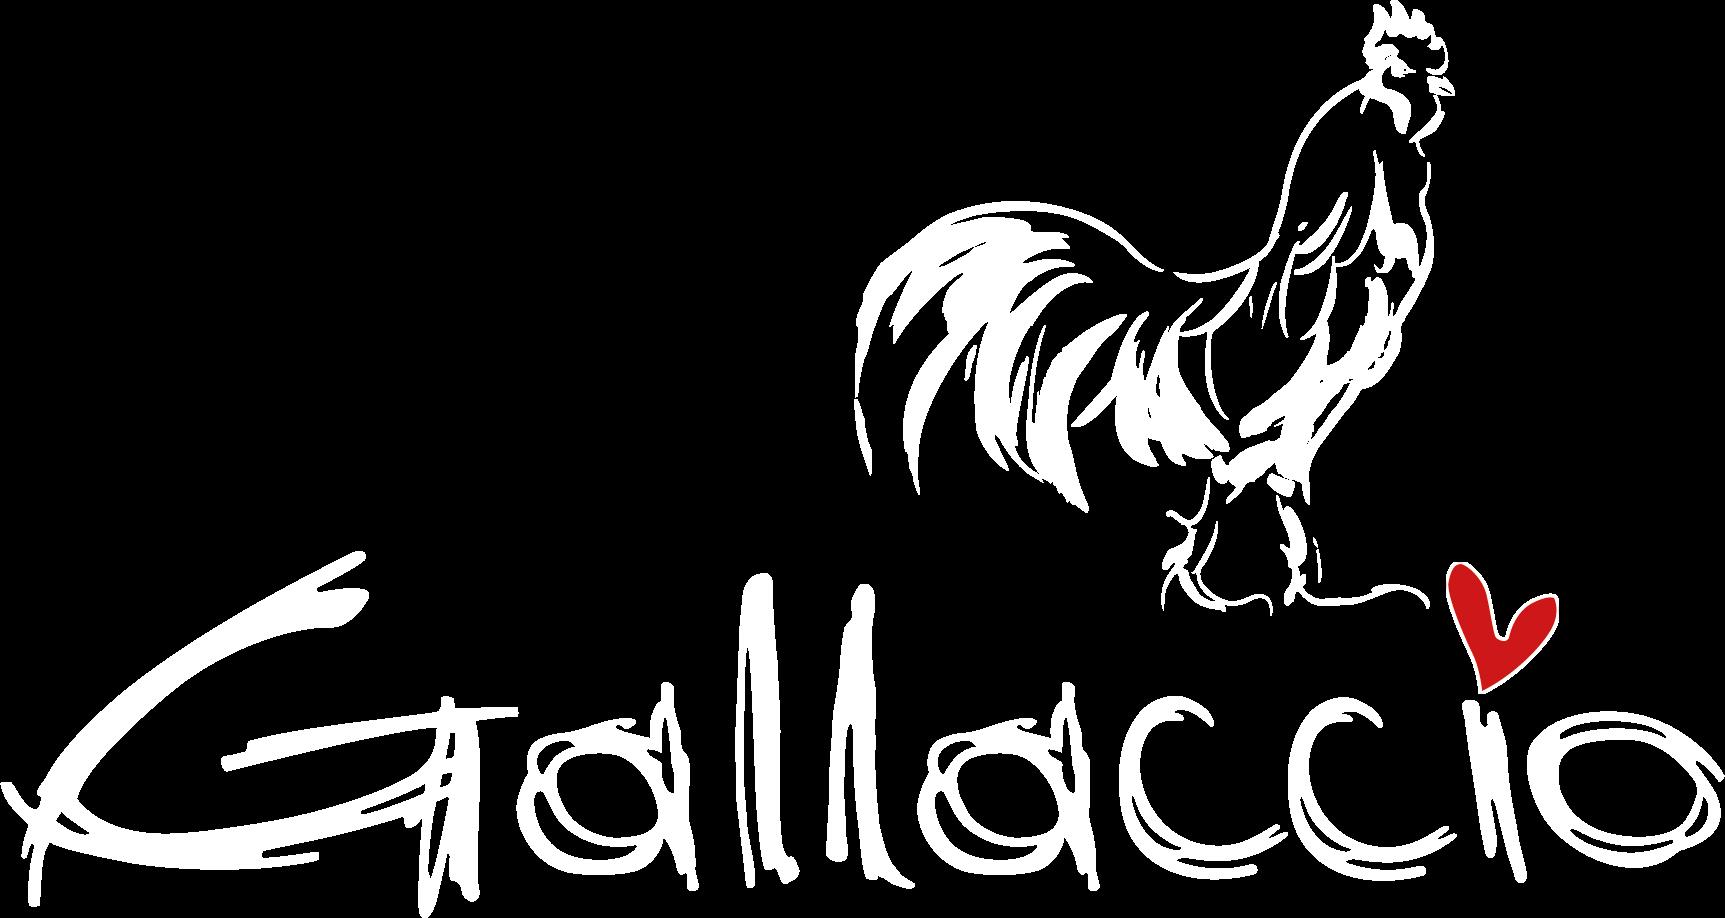 Gallaccio – Delivery